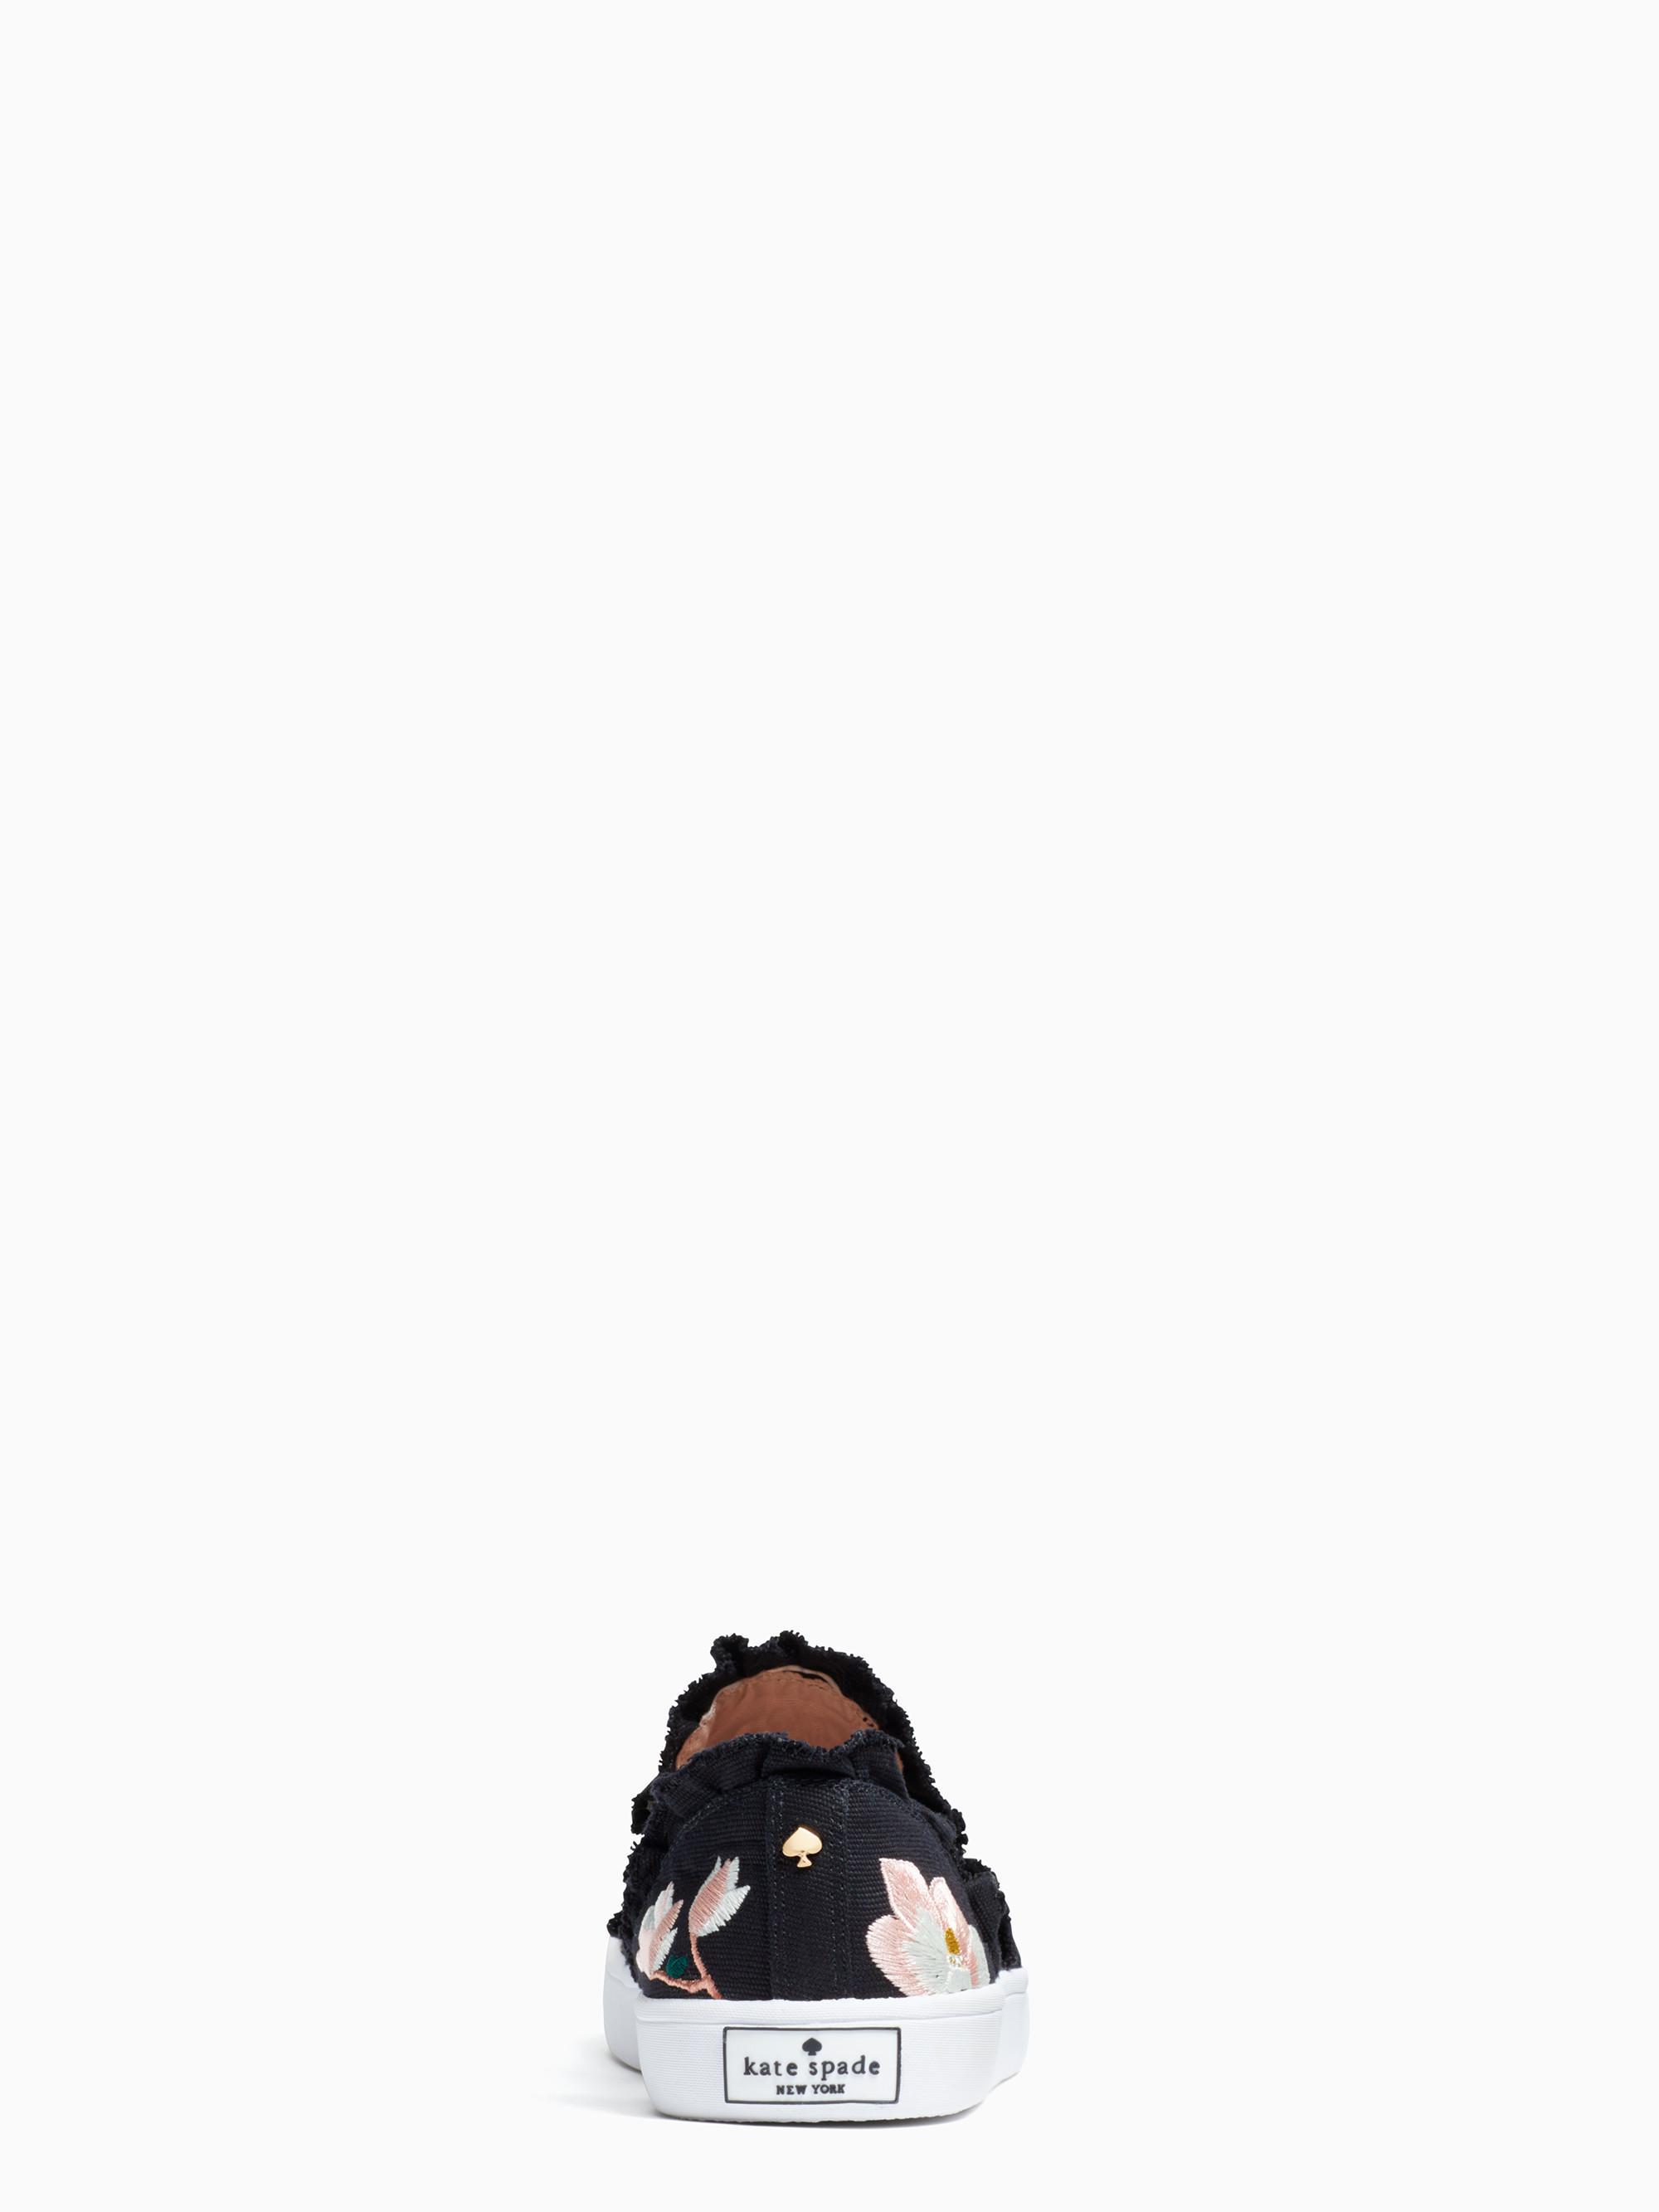 b981ffd0c3da Lyst - Kate Spade Leonie Sneakers in Black